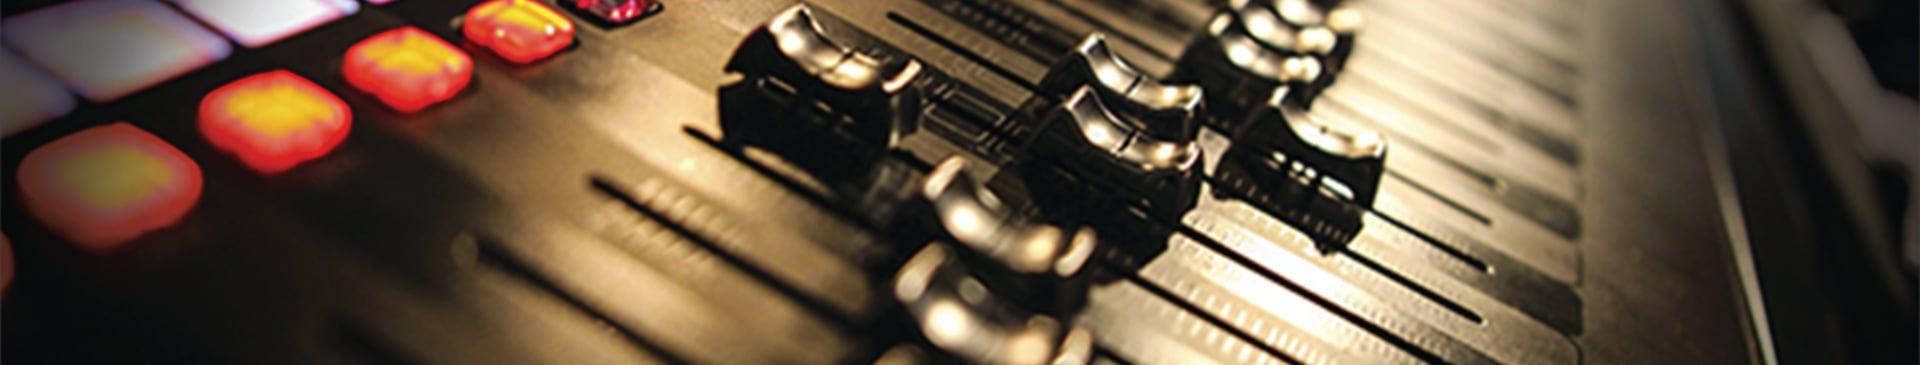 html_commercialconsumertech_plain